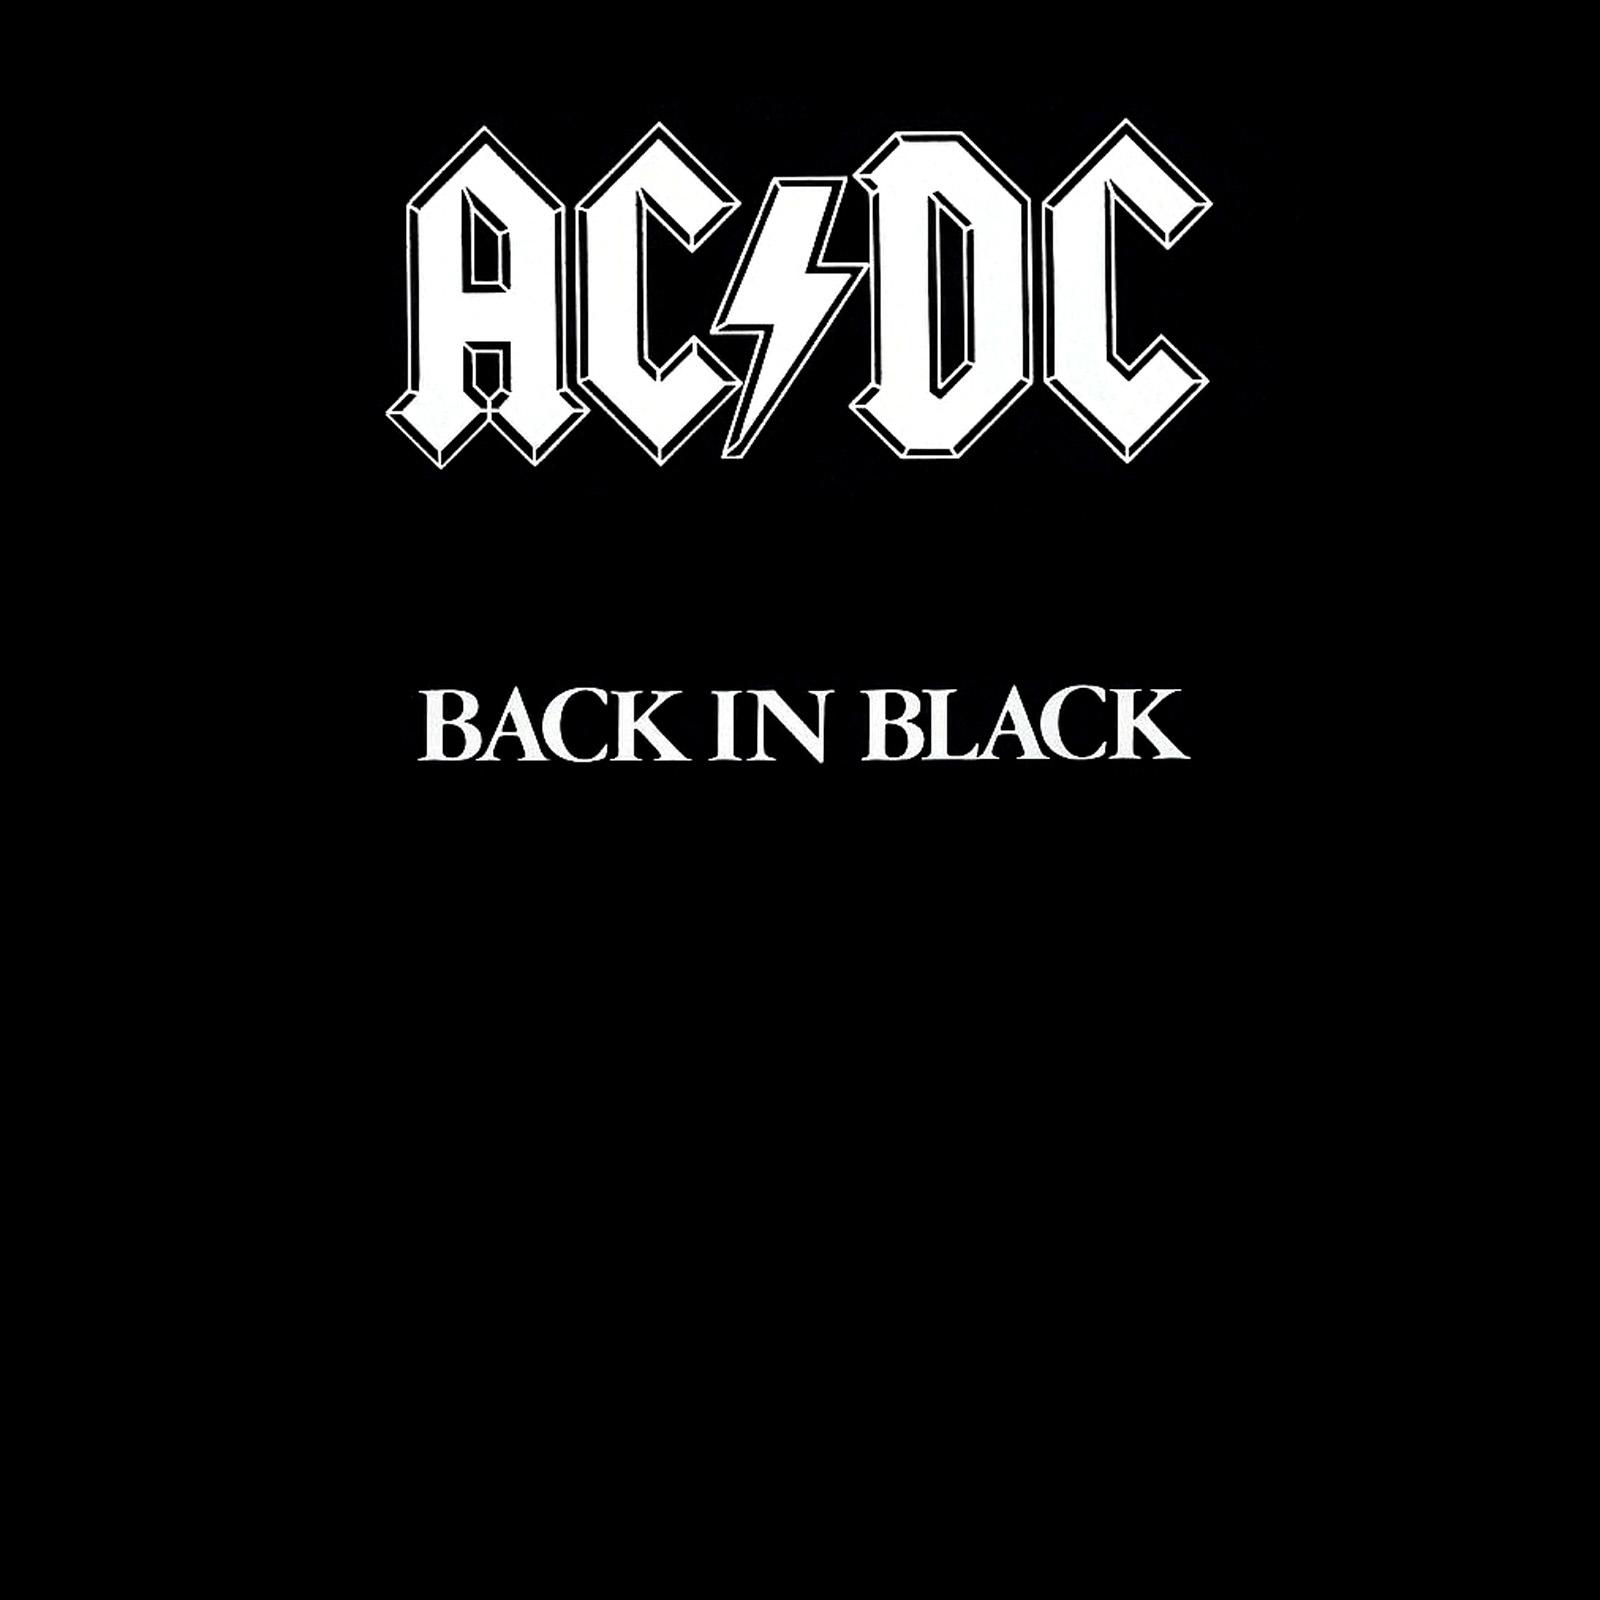 http://3.bp.blogspot.com/-DxJONUpV6qA/TnehJDSGeXI/AAAAAAAADKQ/_9nqVPRwPuA/s1600/AC_DC_Black_in_Black_HD_Cover_Vvallpaper.Net.jpg